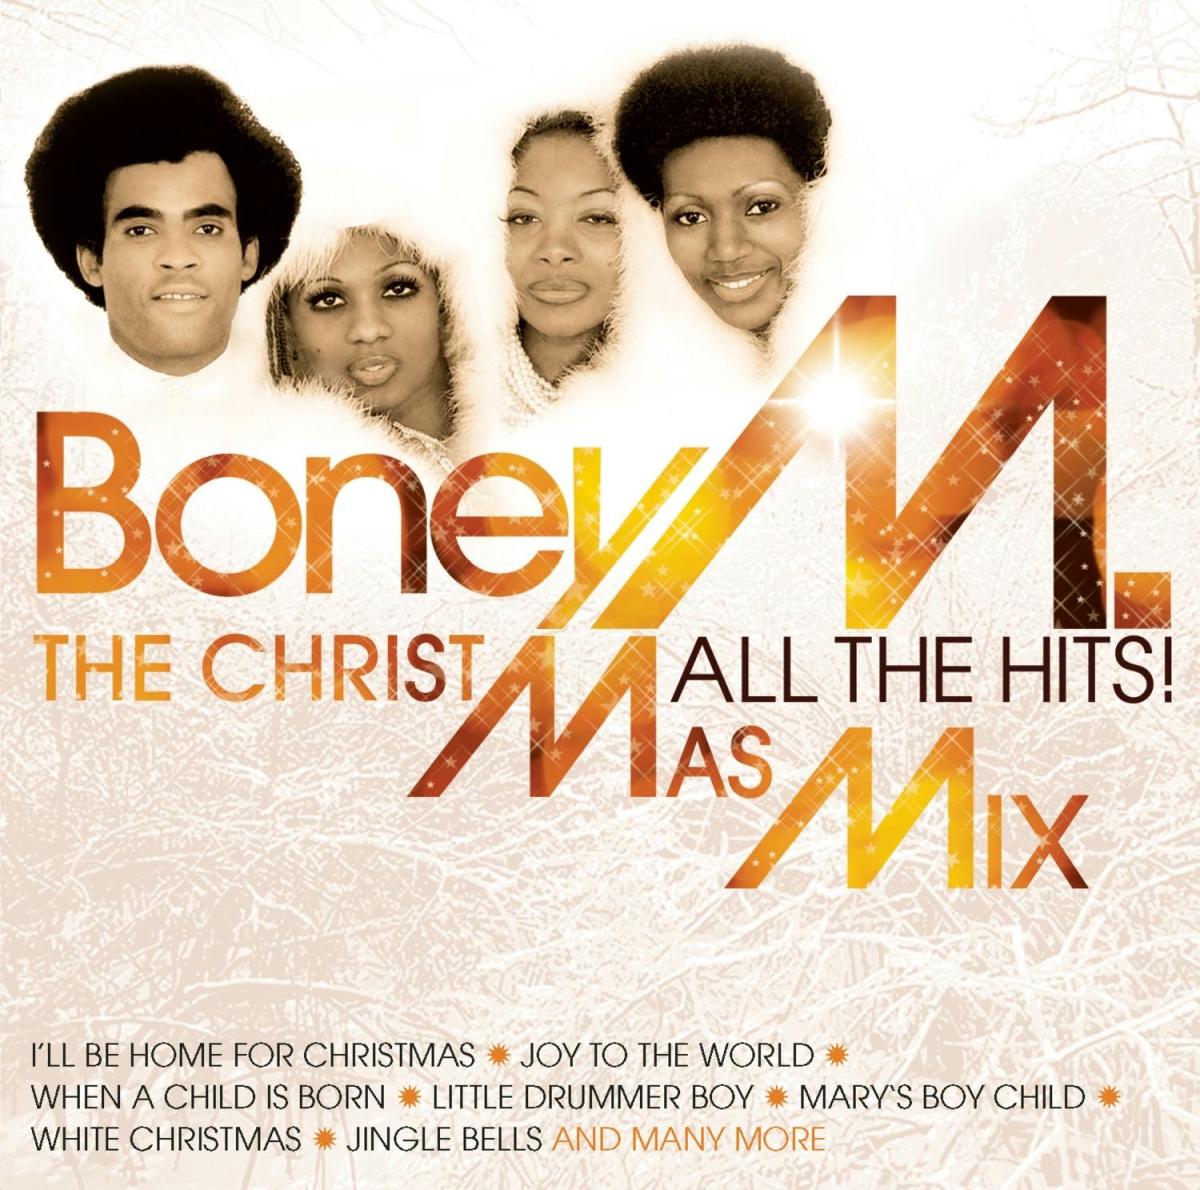 El grupo alemán Boney M. también se subió al carro de los discos navideños.